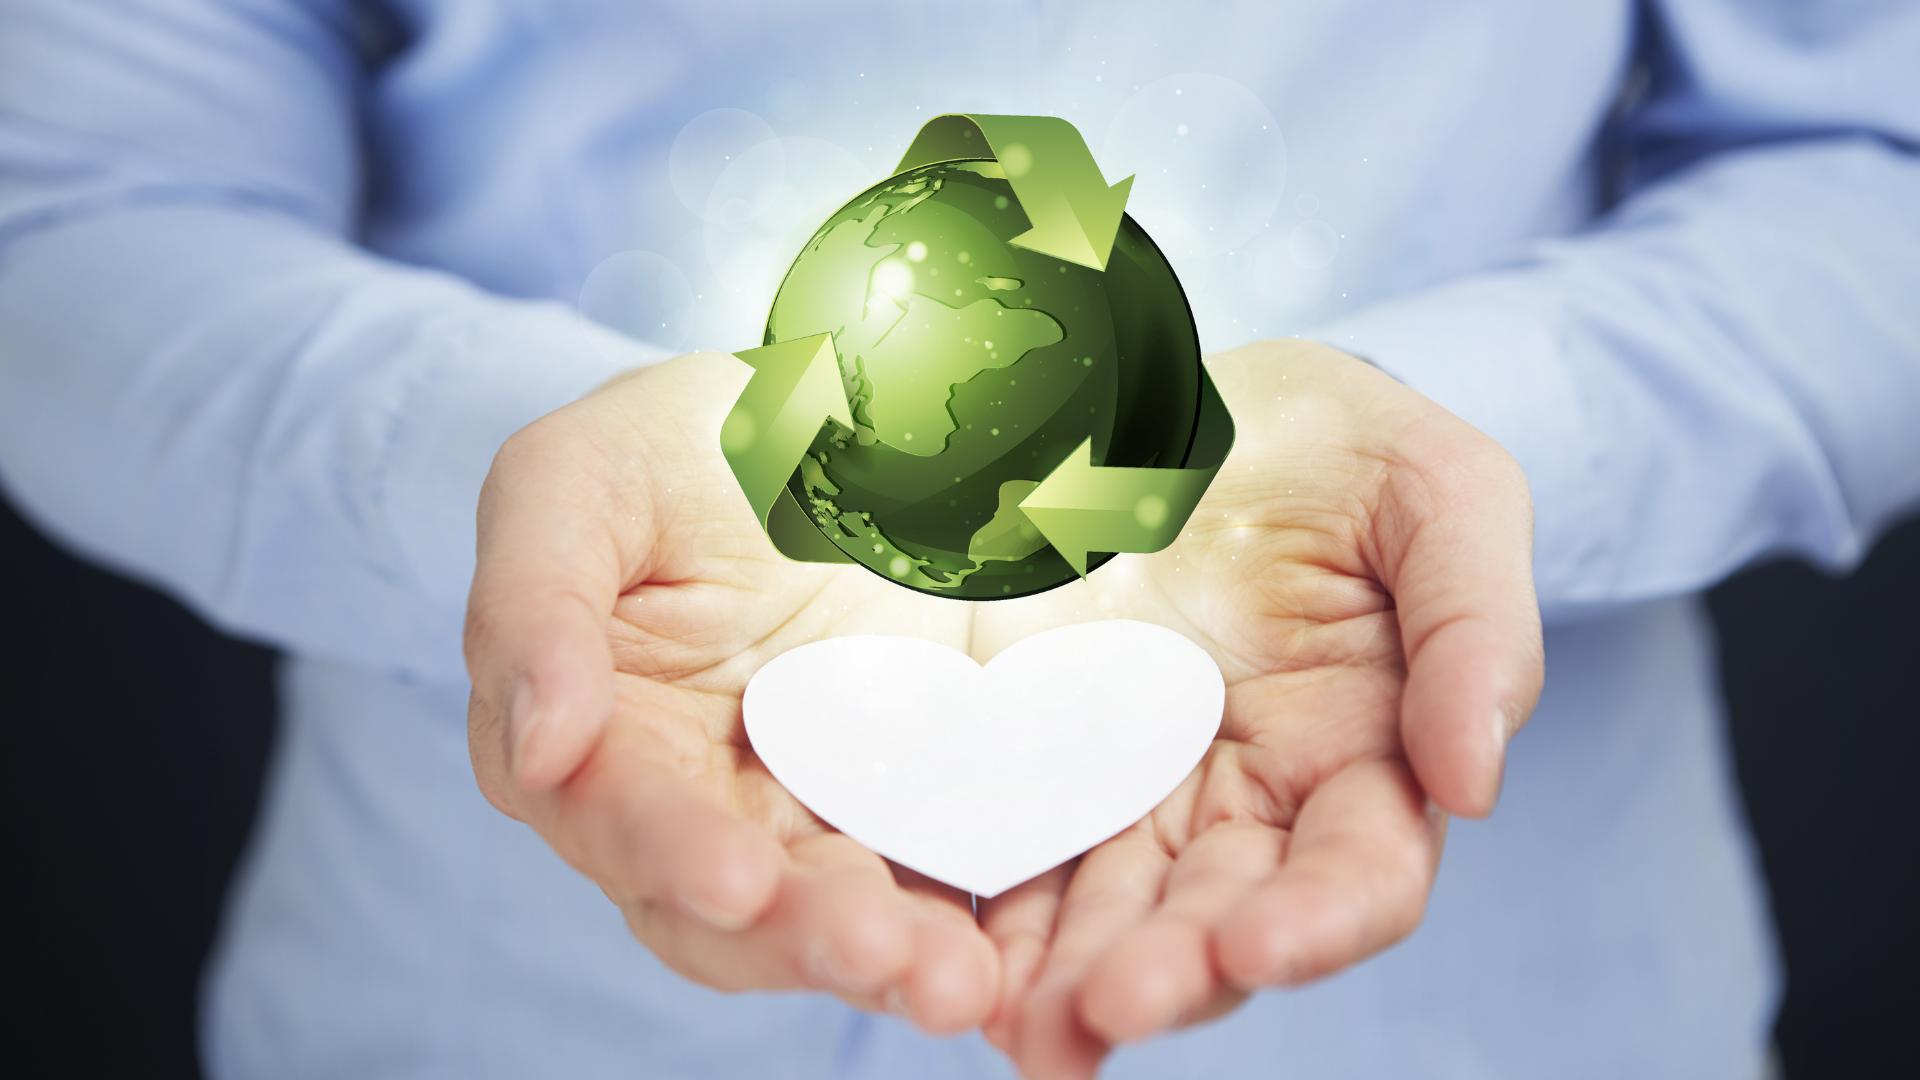 核原料物質及び核燃料物質含有物の再生利用技術開発及び再生利用事業